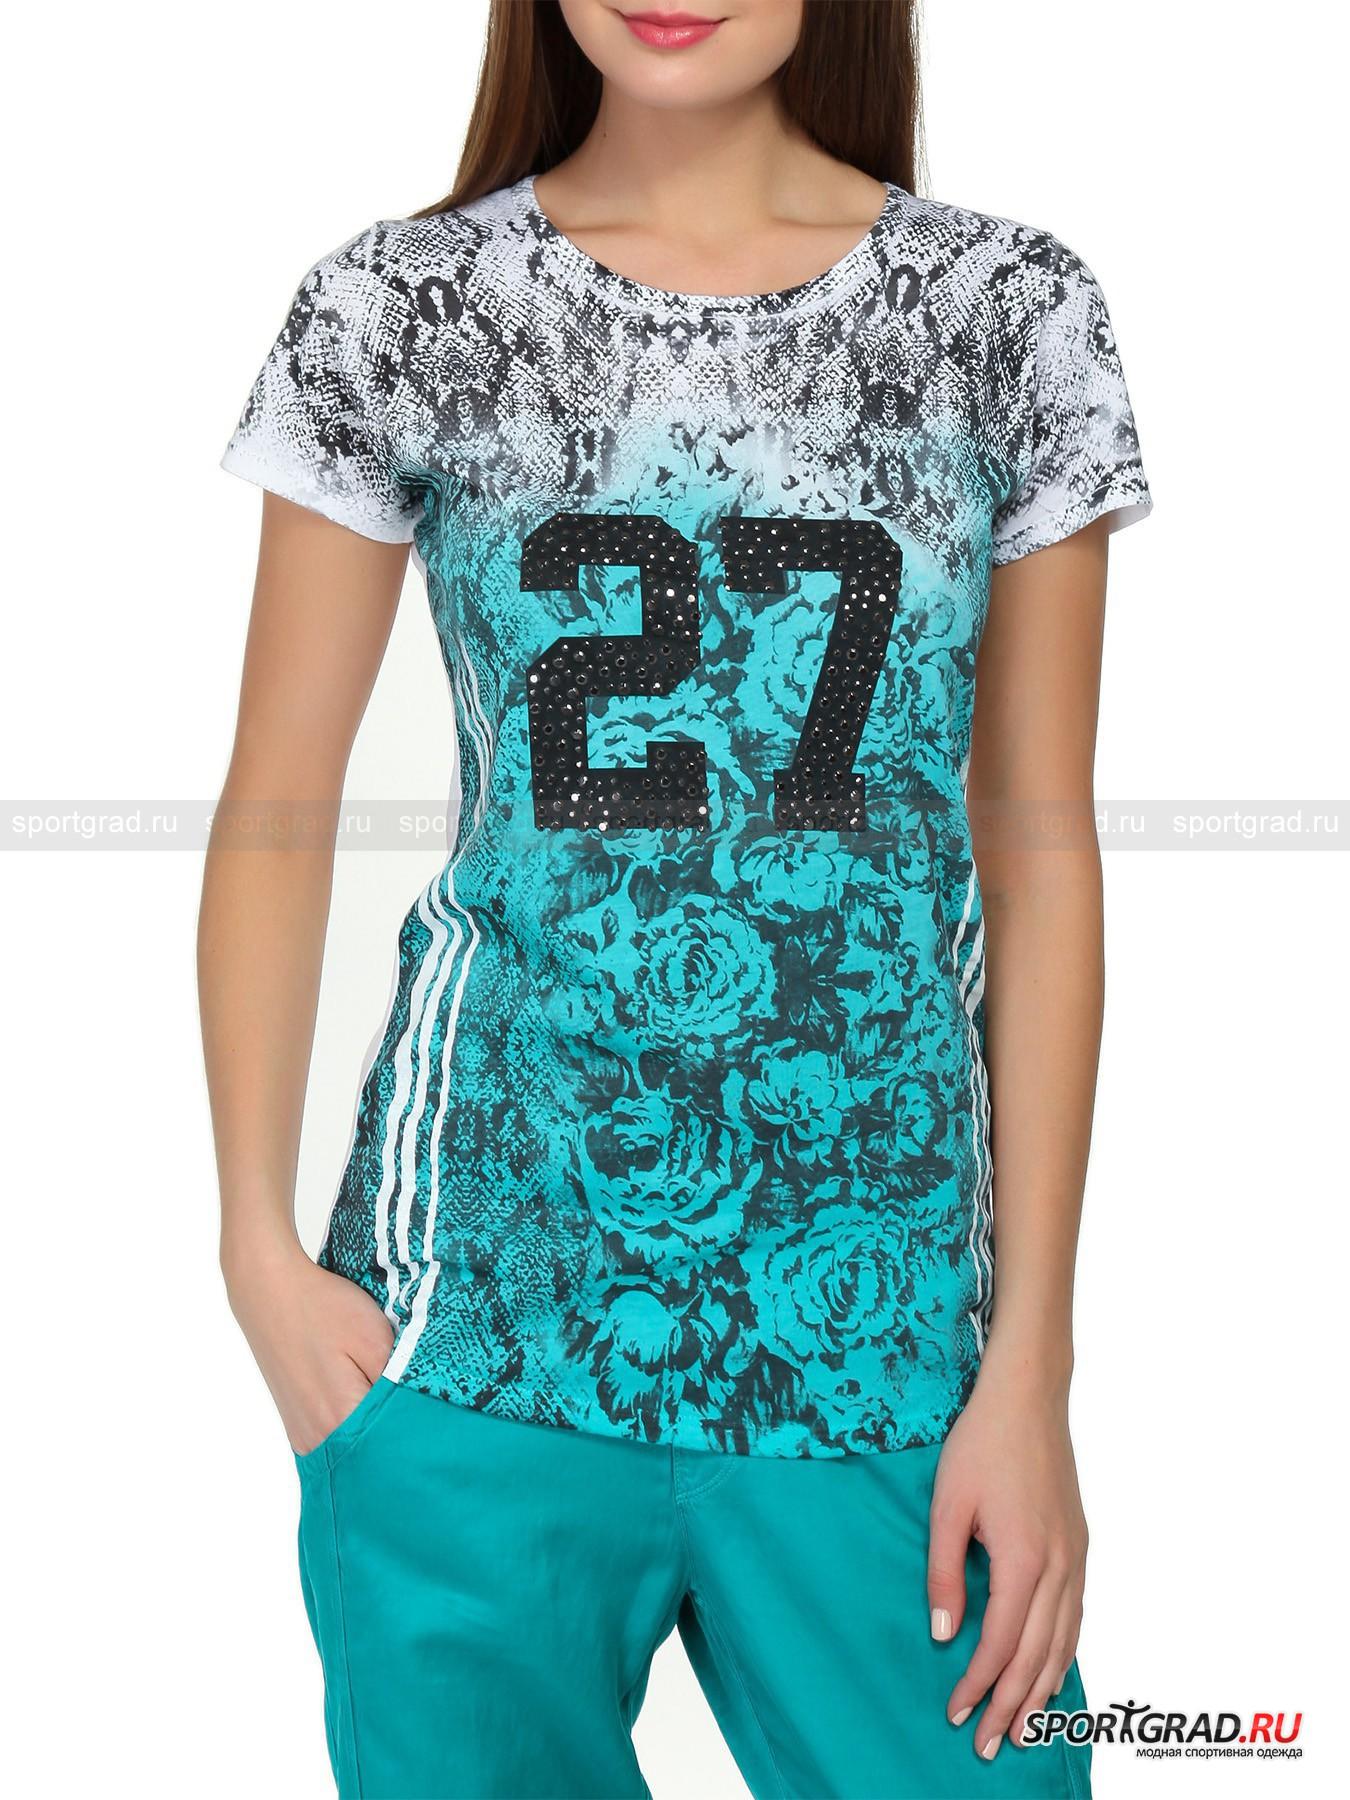 Футболка женская T-shirt DEHAФутболки<br>Броская футболка T-shirt DEHA – идеальная модель для тех, кто любит быть в центре внимания. Сзади она декорирована лишь шлевкой с надписью Deha, расположенной у горловины по центру, зато спереди вы увидите сочетание сразу двух принтов: имитация змеиной кожи и крупные цветы сплелись между собой, образуя причудливый узор. Основных цвета у футболки тоже два: сверху вниз белый плавно перетекает в голубой. На груди модели расположилась цифра 27, декорированная множеством темно-серых страз разного размера. Несколько спортивный вид изделию придают  полоски по бокам, нанесенные будто бы белой краской.<br><br>Пол: Женский<br>Возраст: Взрослый<br>Тип: Футболки<br>Рекомендации по уходу: стирка в теплой воде до 30 С; не отбеливать; гладить при низкой температуре (до 120 C); только сухая чистка; нельзя выжимать и сушить в стиральной машине<br>Состав: 100% хлопок